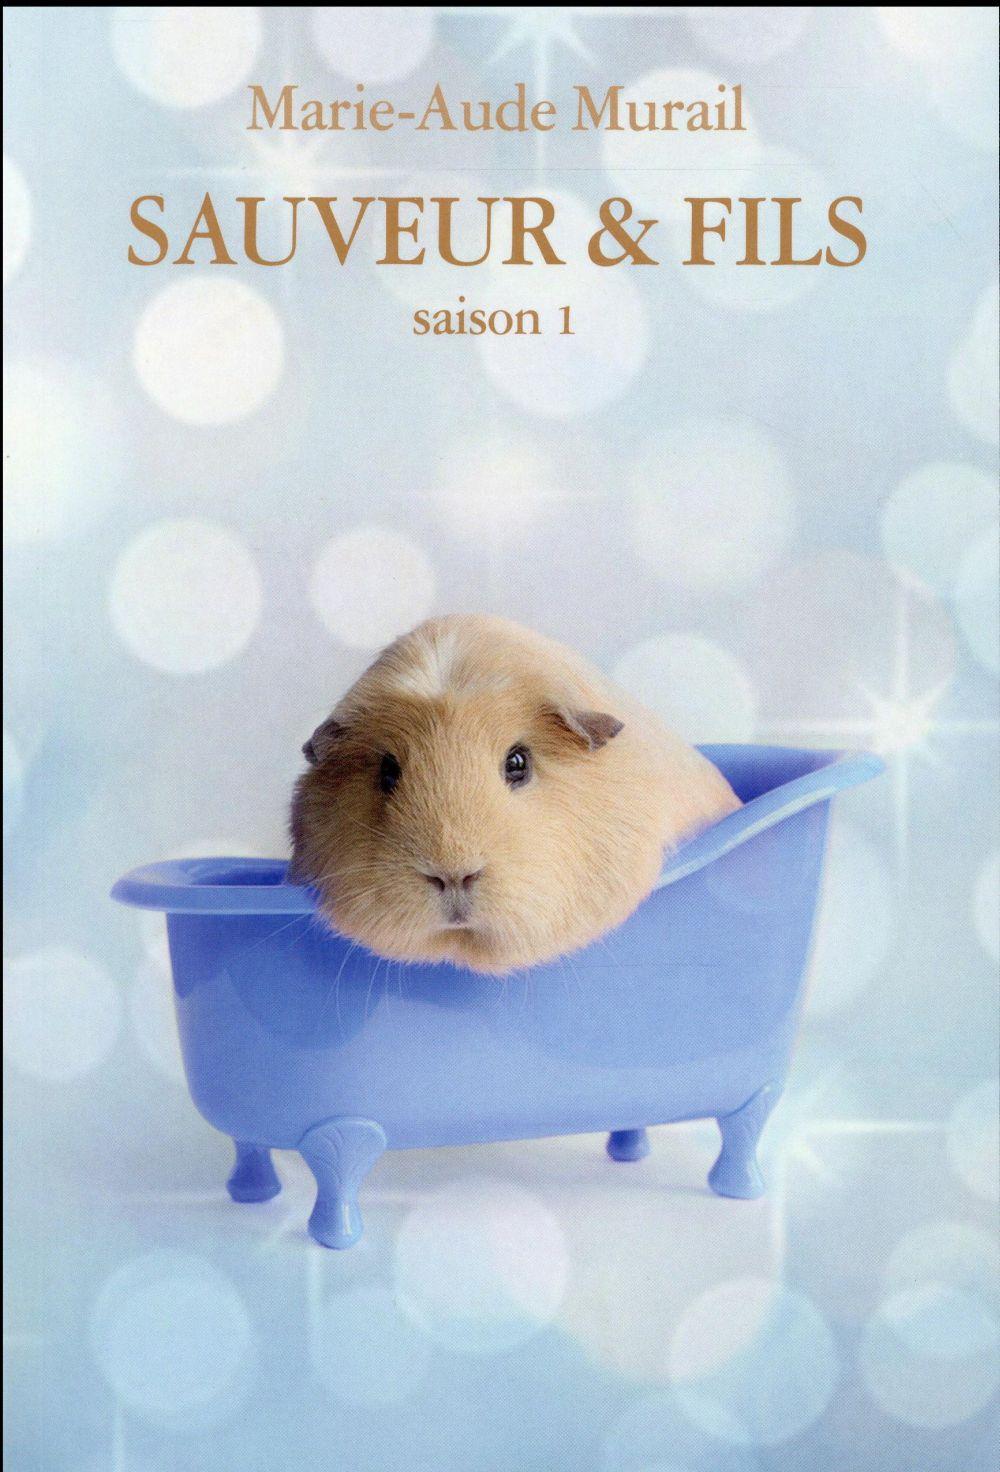 Pépites des lecteurs France Télévisions « Sauveur & Fils t.1 » de Marie-Aude Murail, (l'école des loisirs)